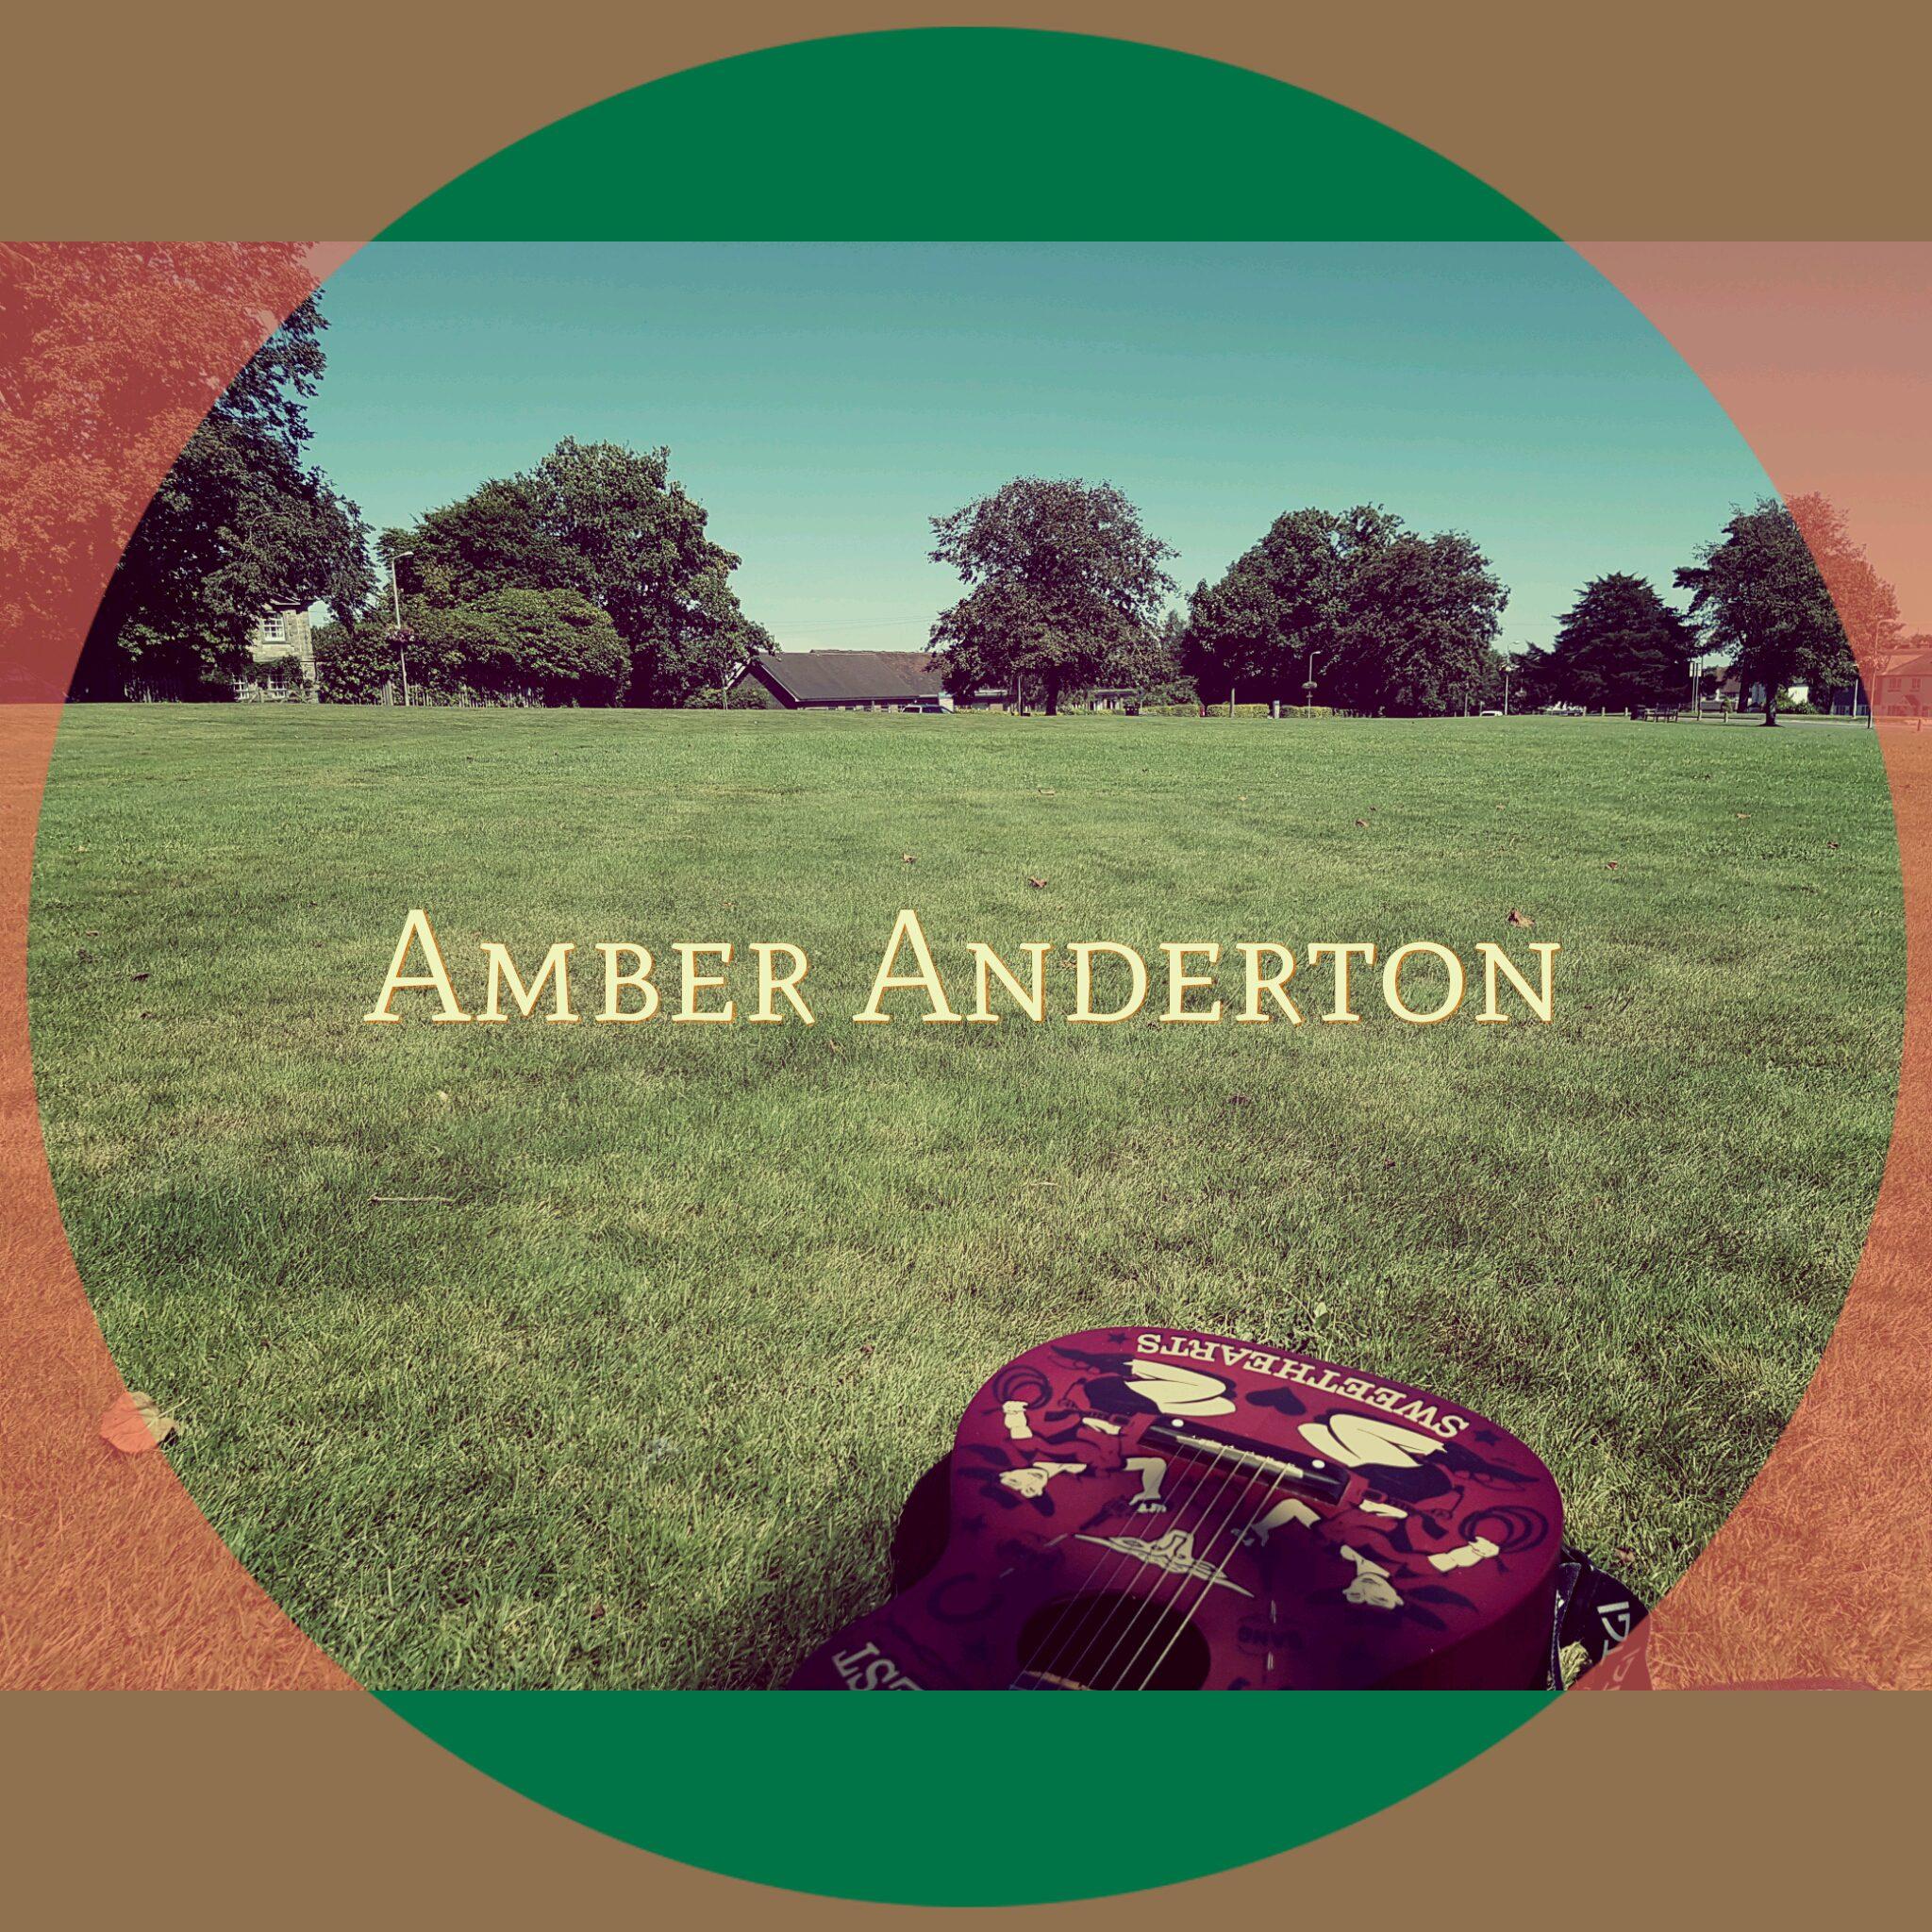 Amber Anderton